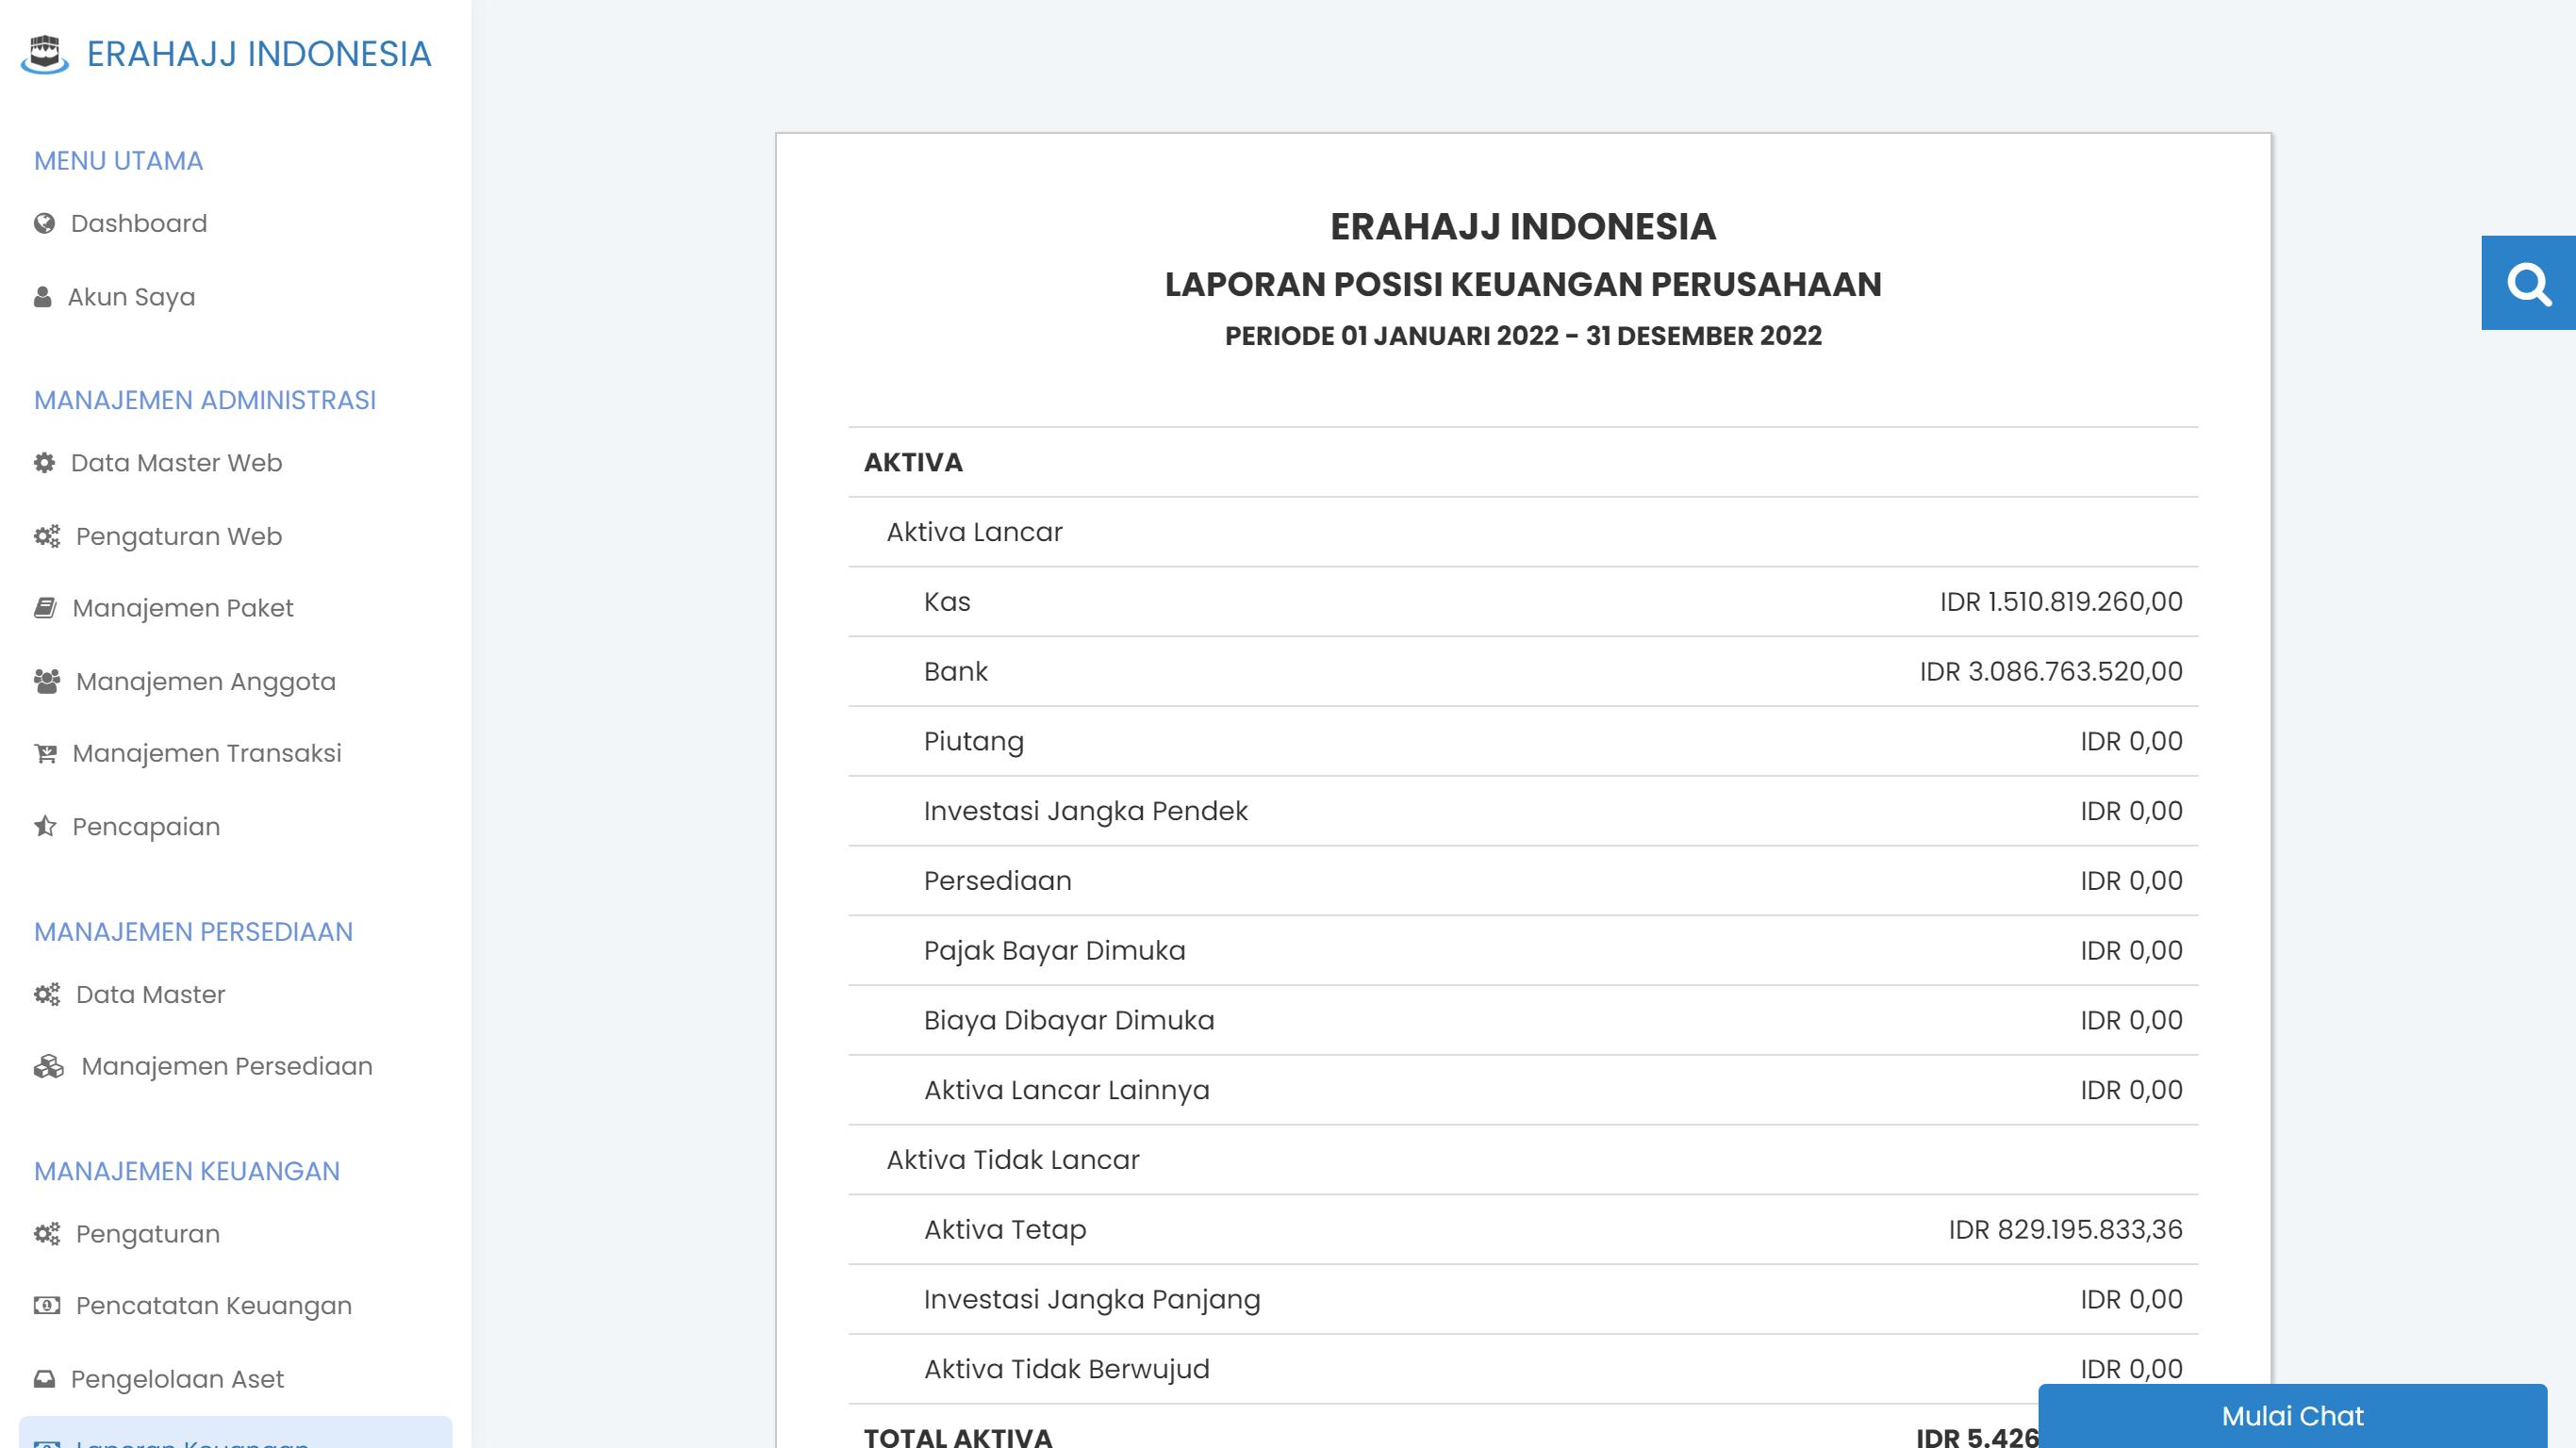 Laporan Neraca Keuangan Perusahaan